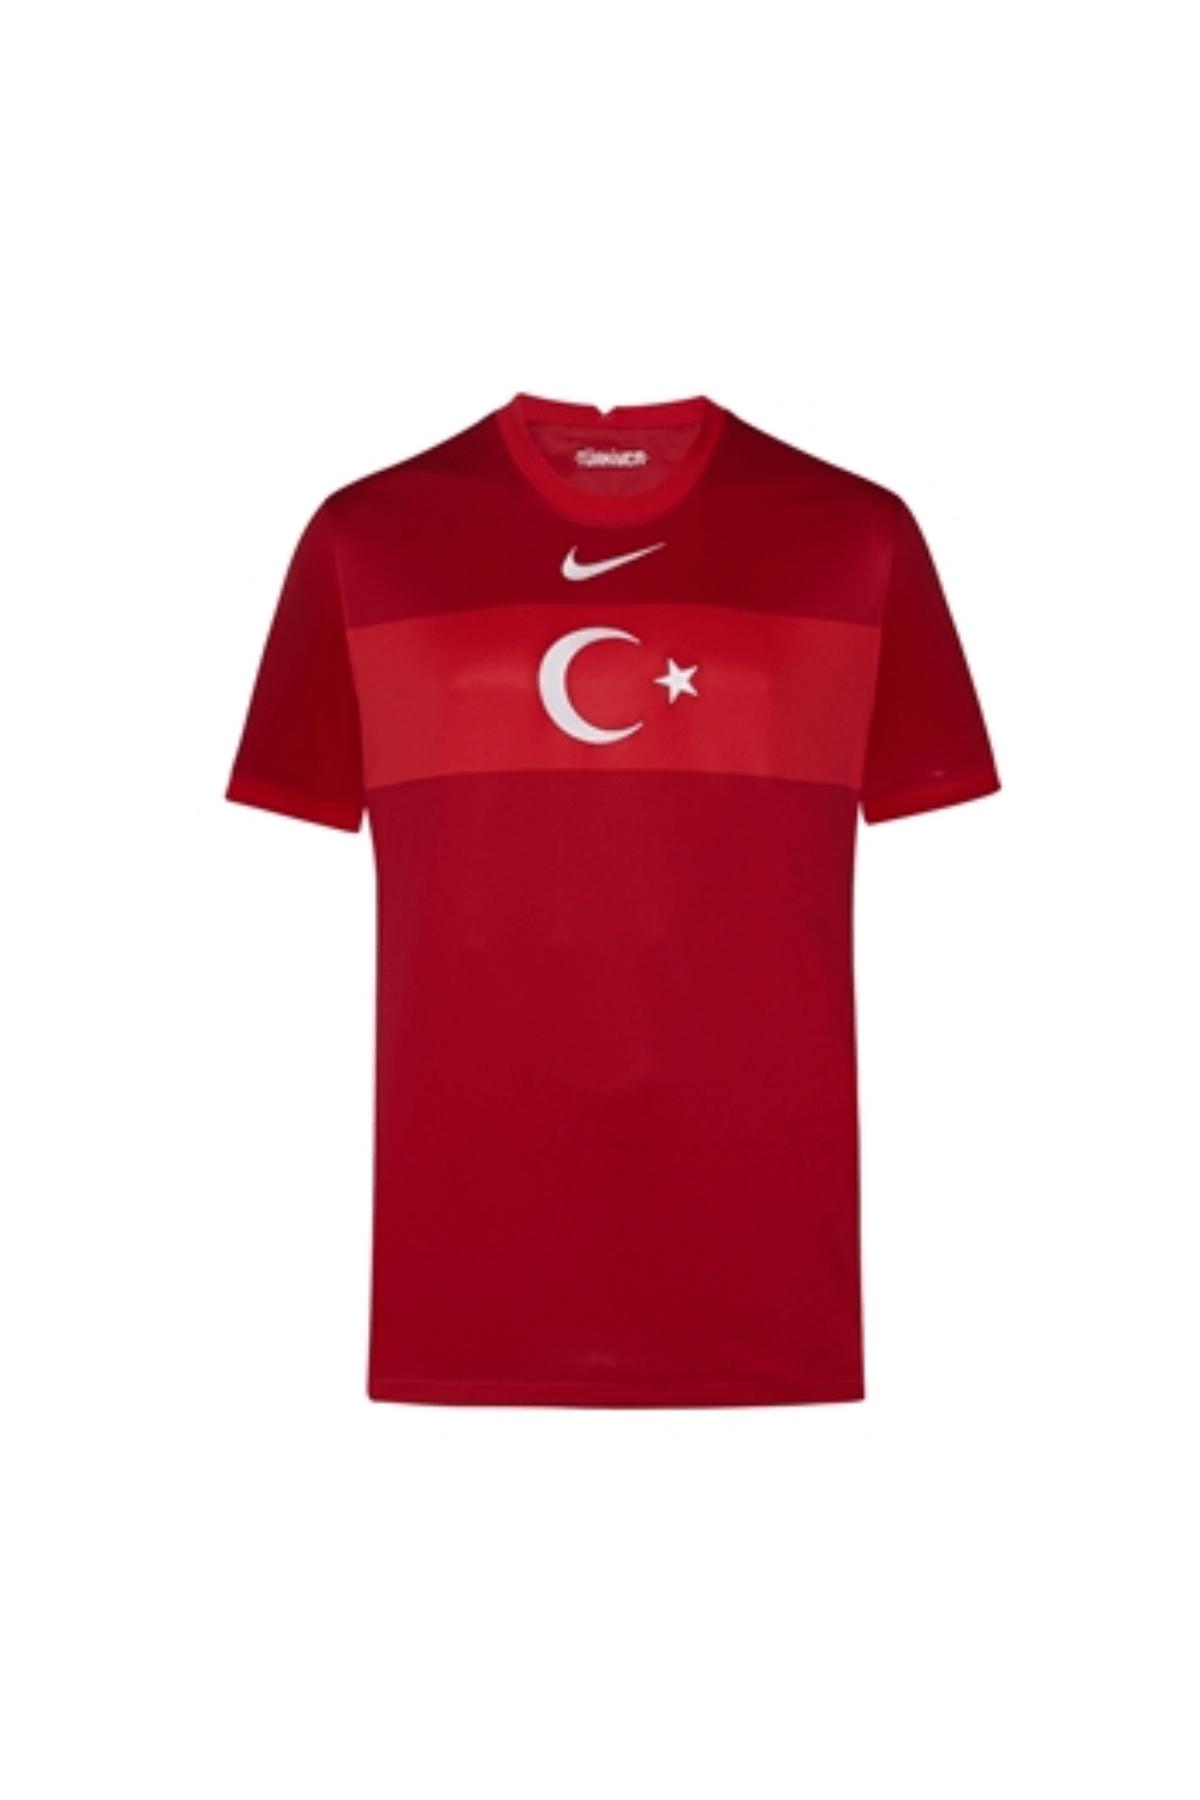 Nike Türkiye Milli Takım Deplasman Erkek Futbol Forması Euro 2020 - Euro2020